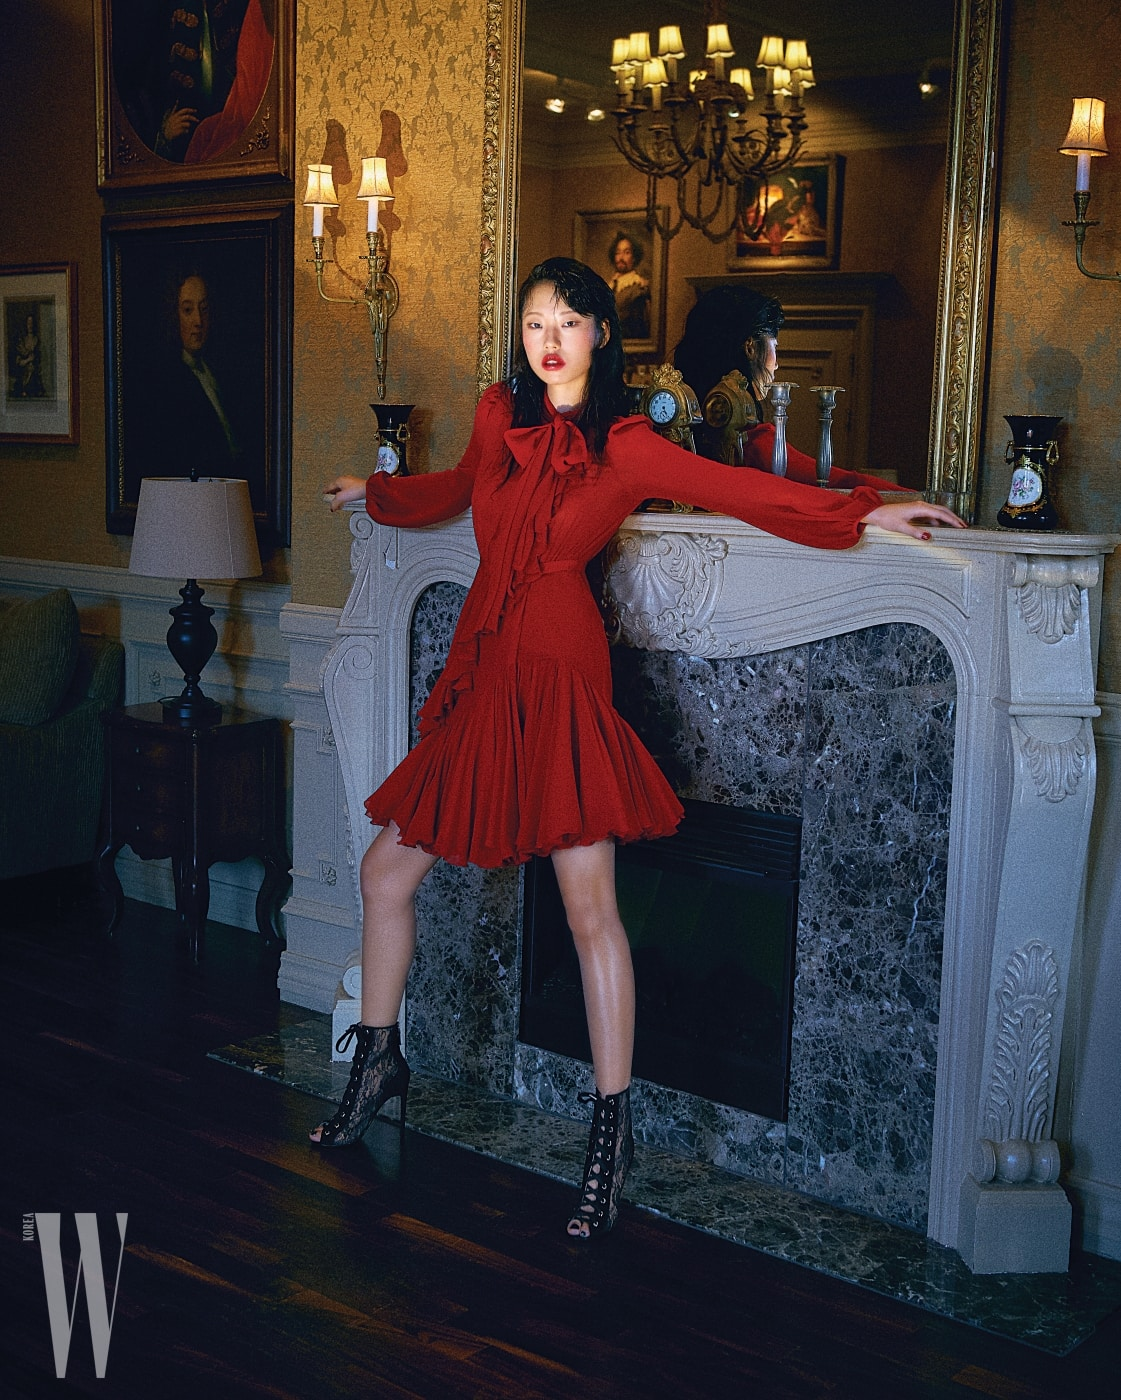 드레스 중앙을 가로지르는 러플 장식과 물결치는 헴라인, 리본 장식이 여성스러운 붉은색 드레스는 Giambattista Valli 제품.